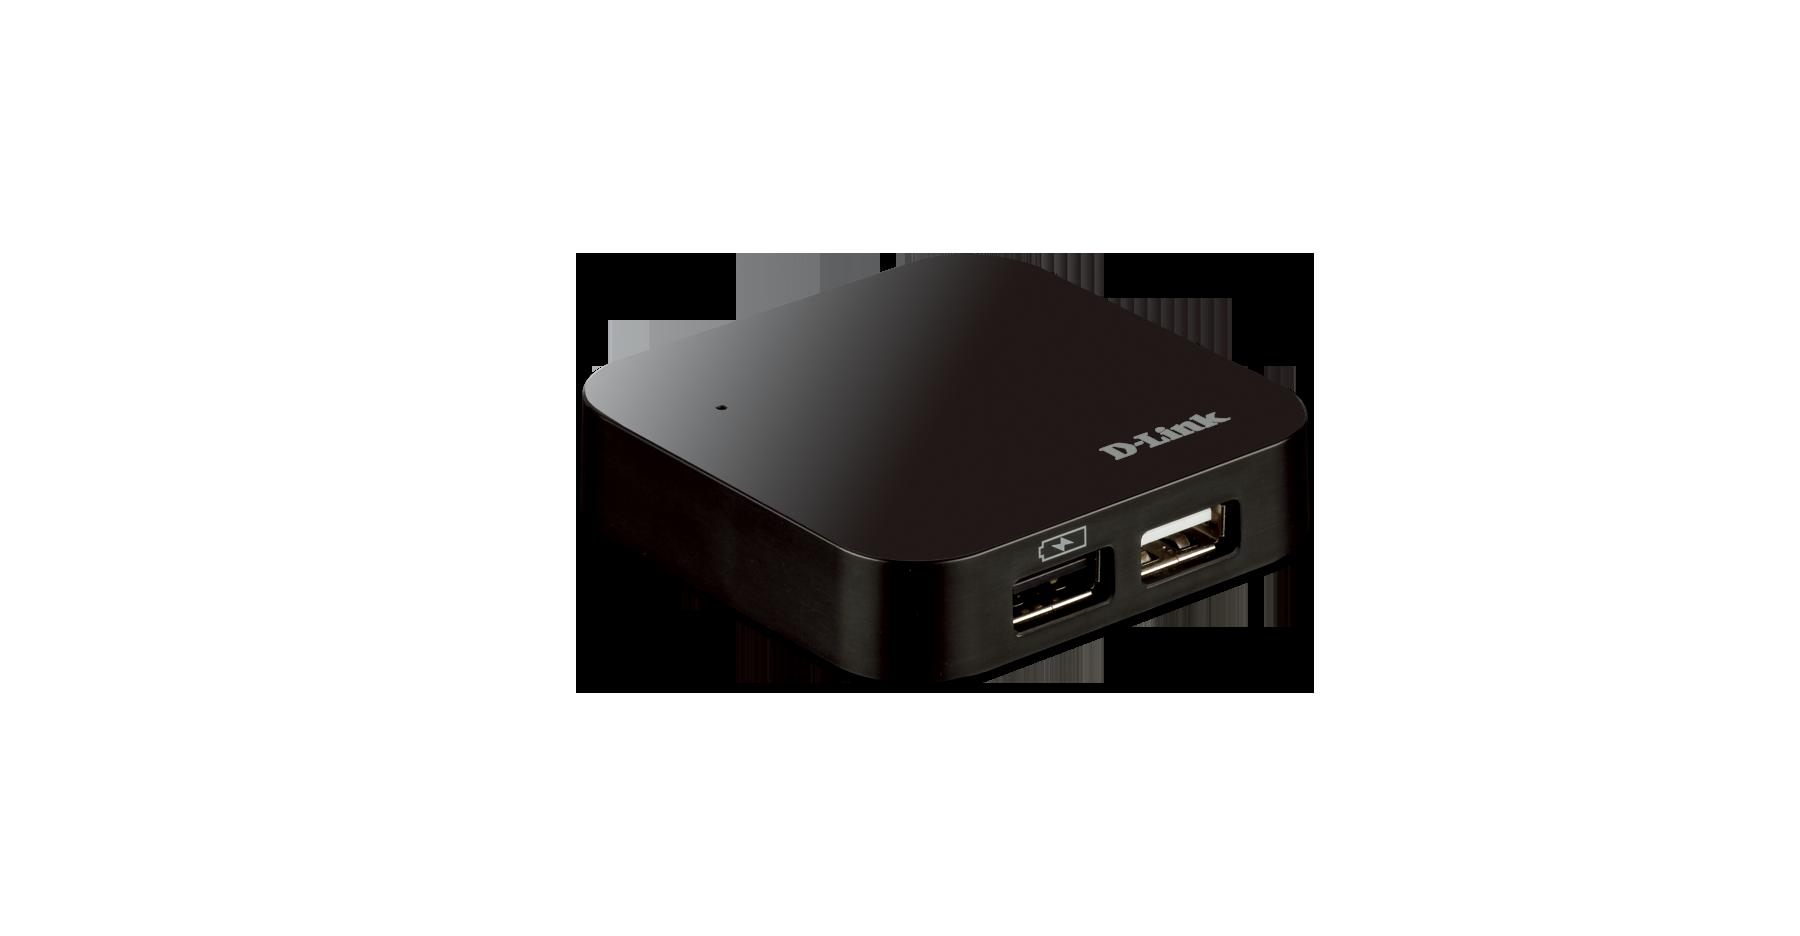 D-LINK DUB-H4 USB 2.0 4-PORT HUB WINDOWS VISTA DRIVER DOWNLOAD